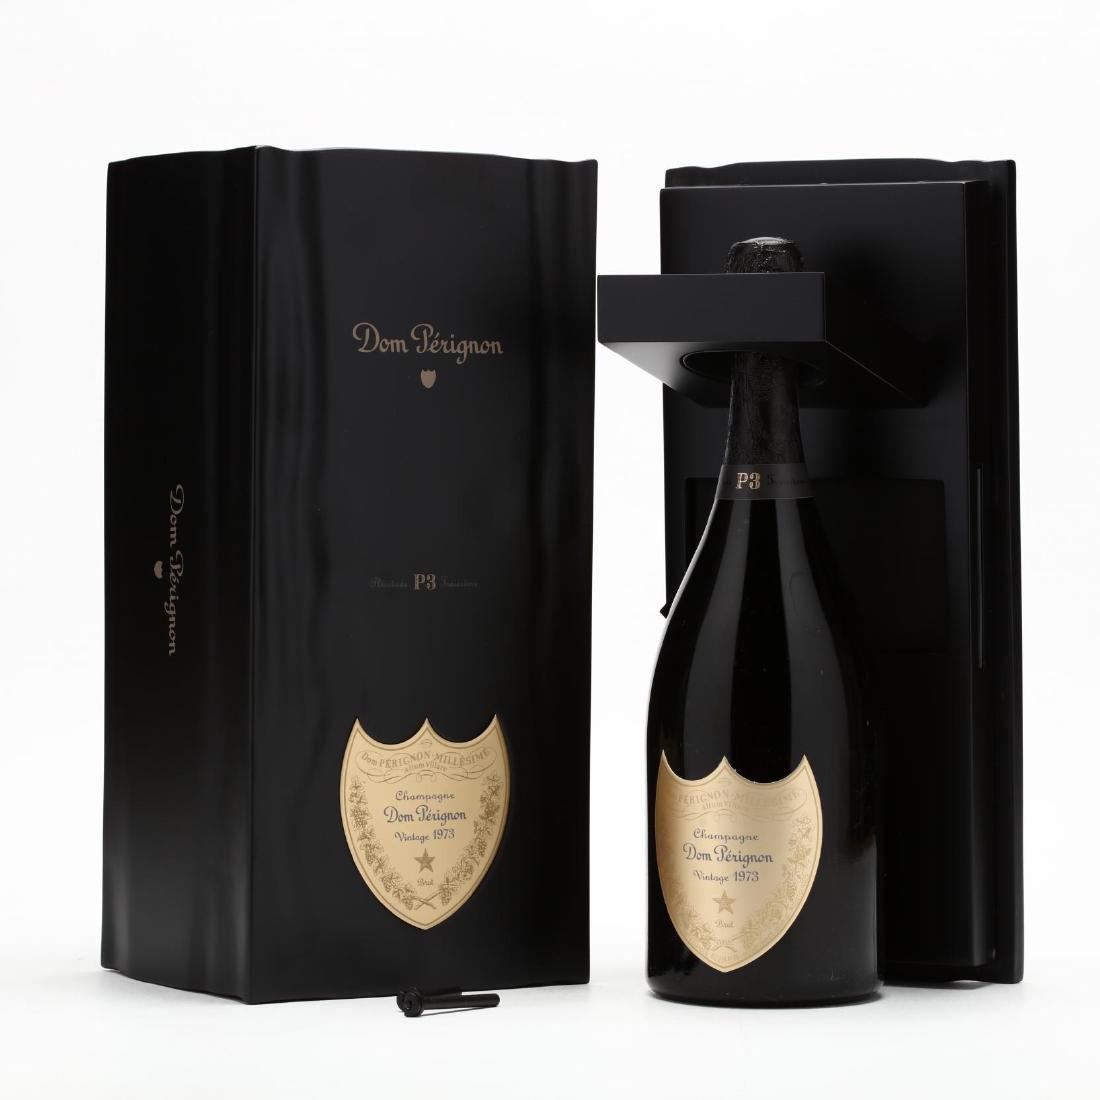 Moet et Chandon Champagne - Vintage 1973